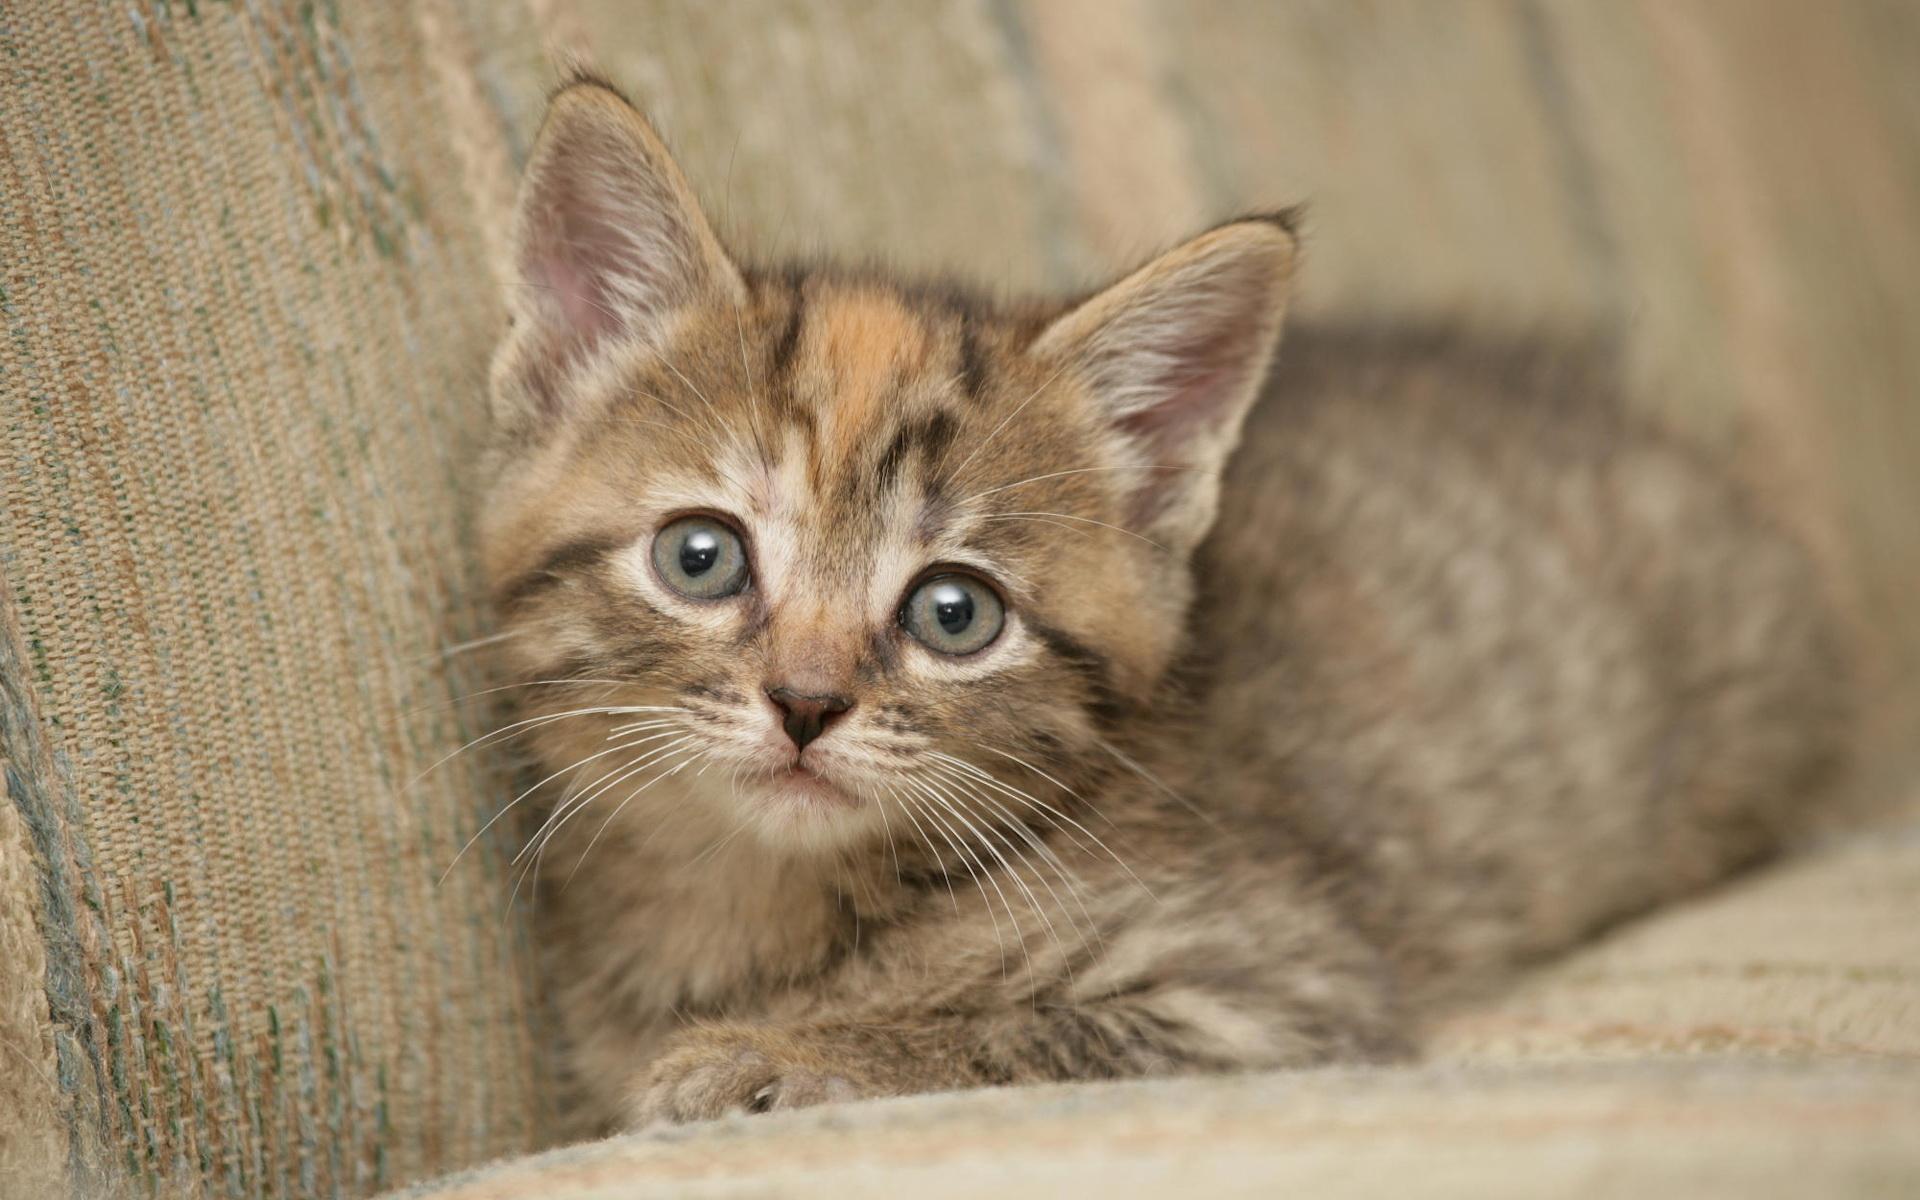 Little kitten / 1920 x 1200 / Animals / Photography | MIRIADNA.COM